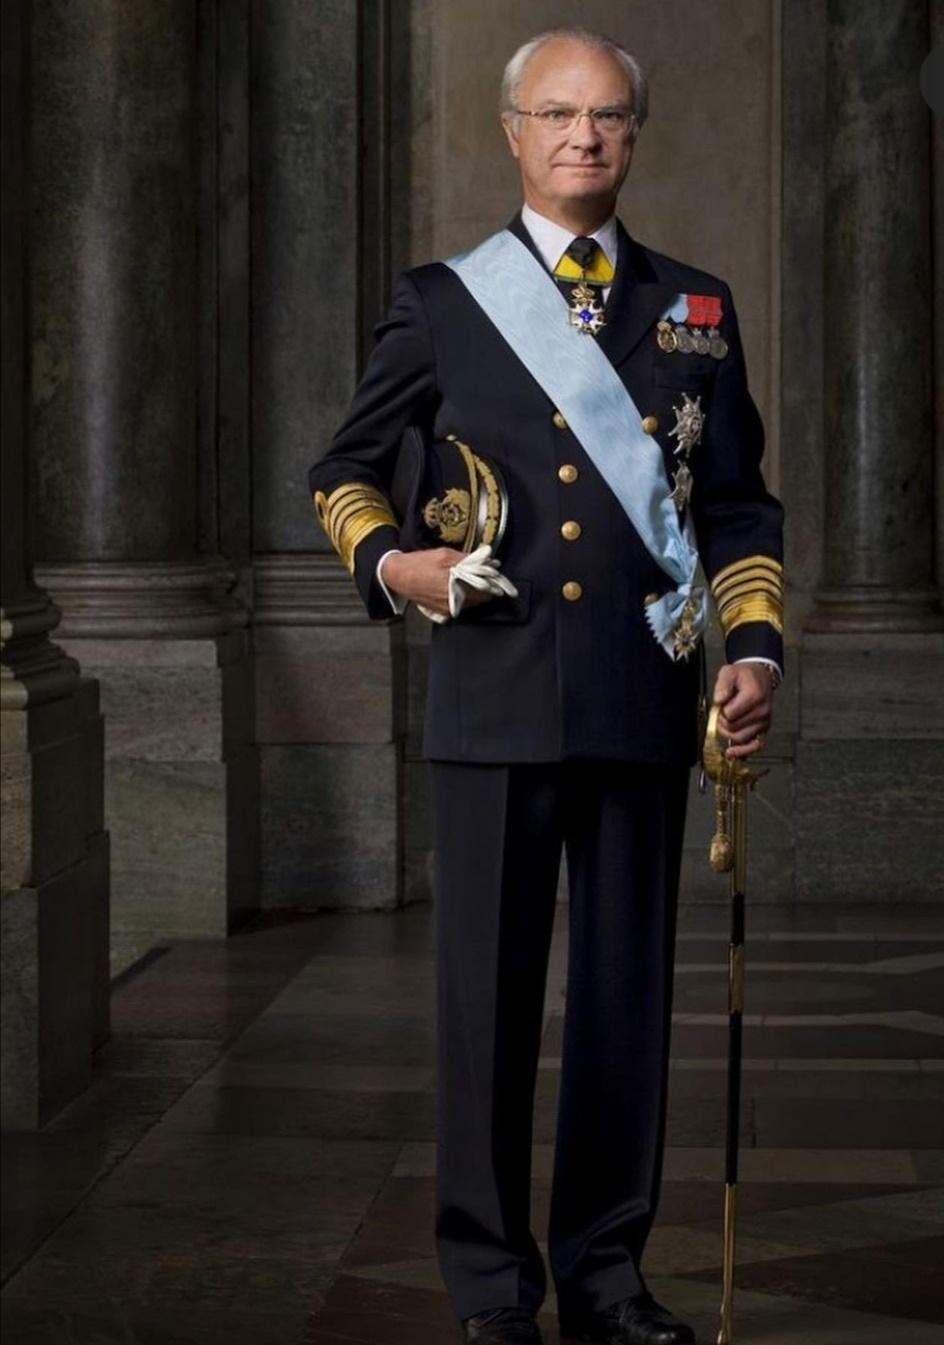 الملك كارل السادس عشر غوستاف - الصورة من حساب The Swedish royal family على إنستغرام